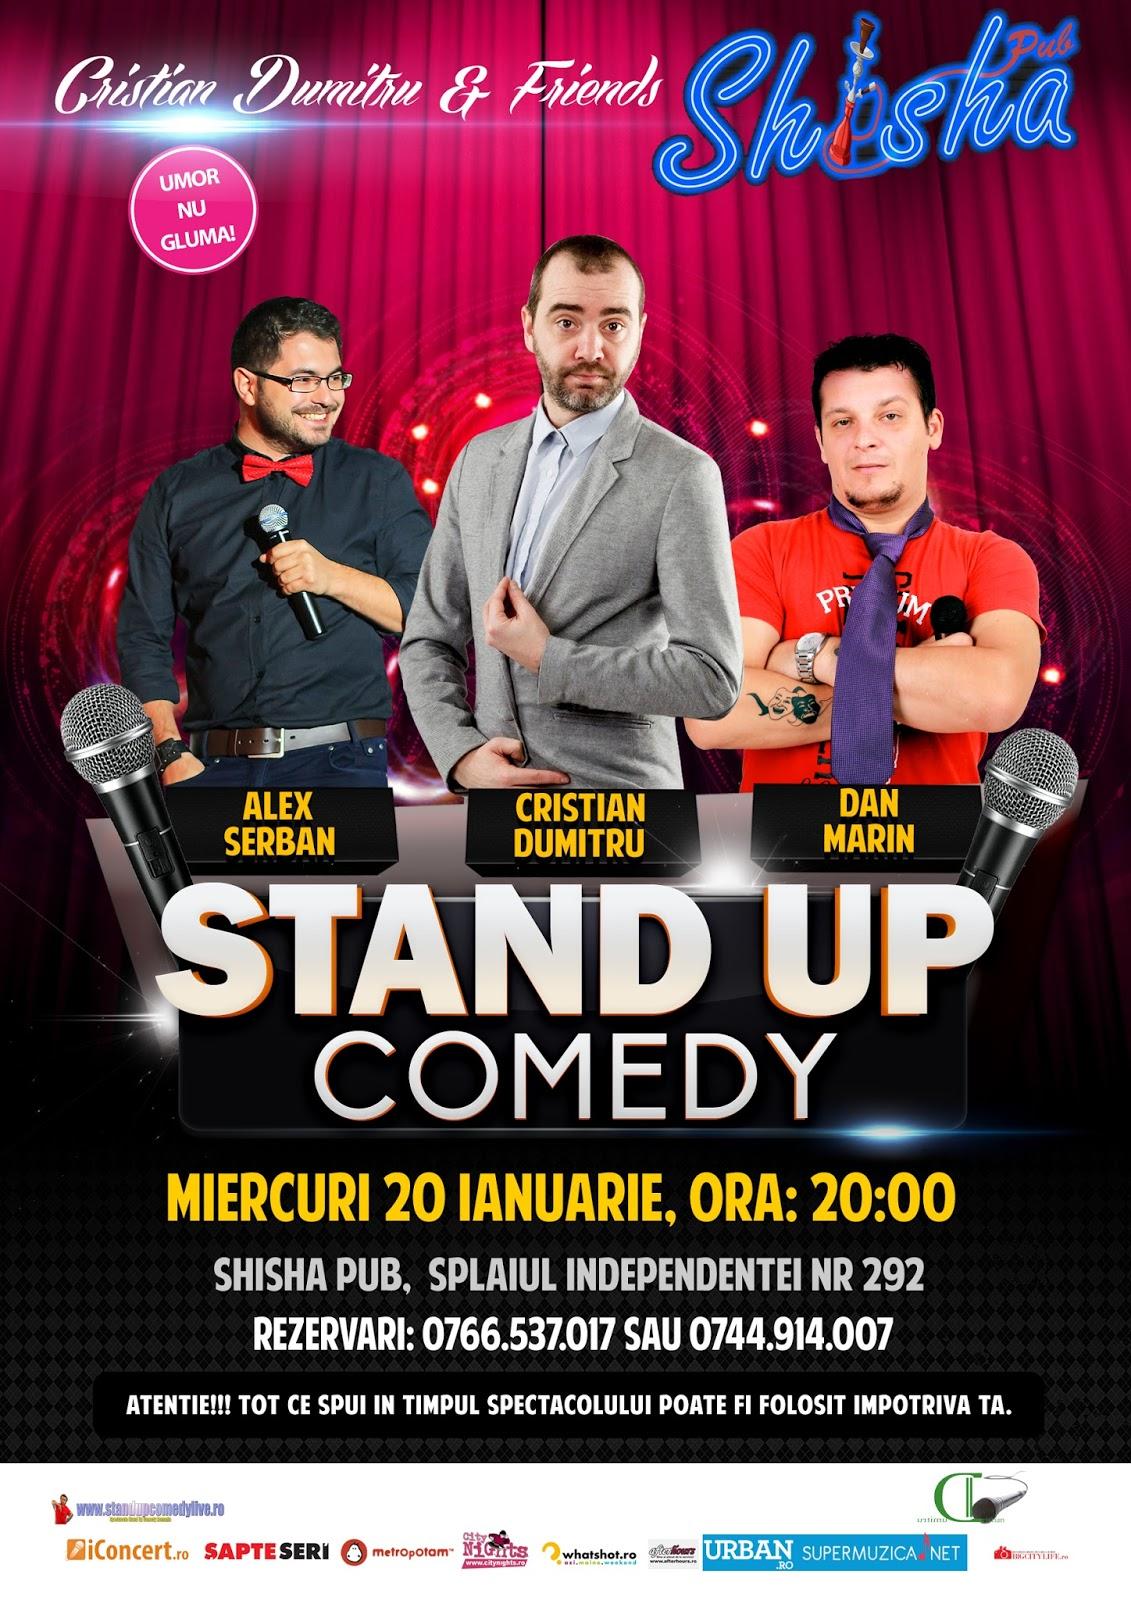 Stand-Up Comedy Miercuri 20 Ianuarie Bucuresti